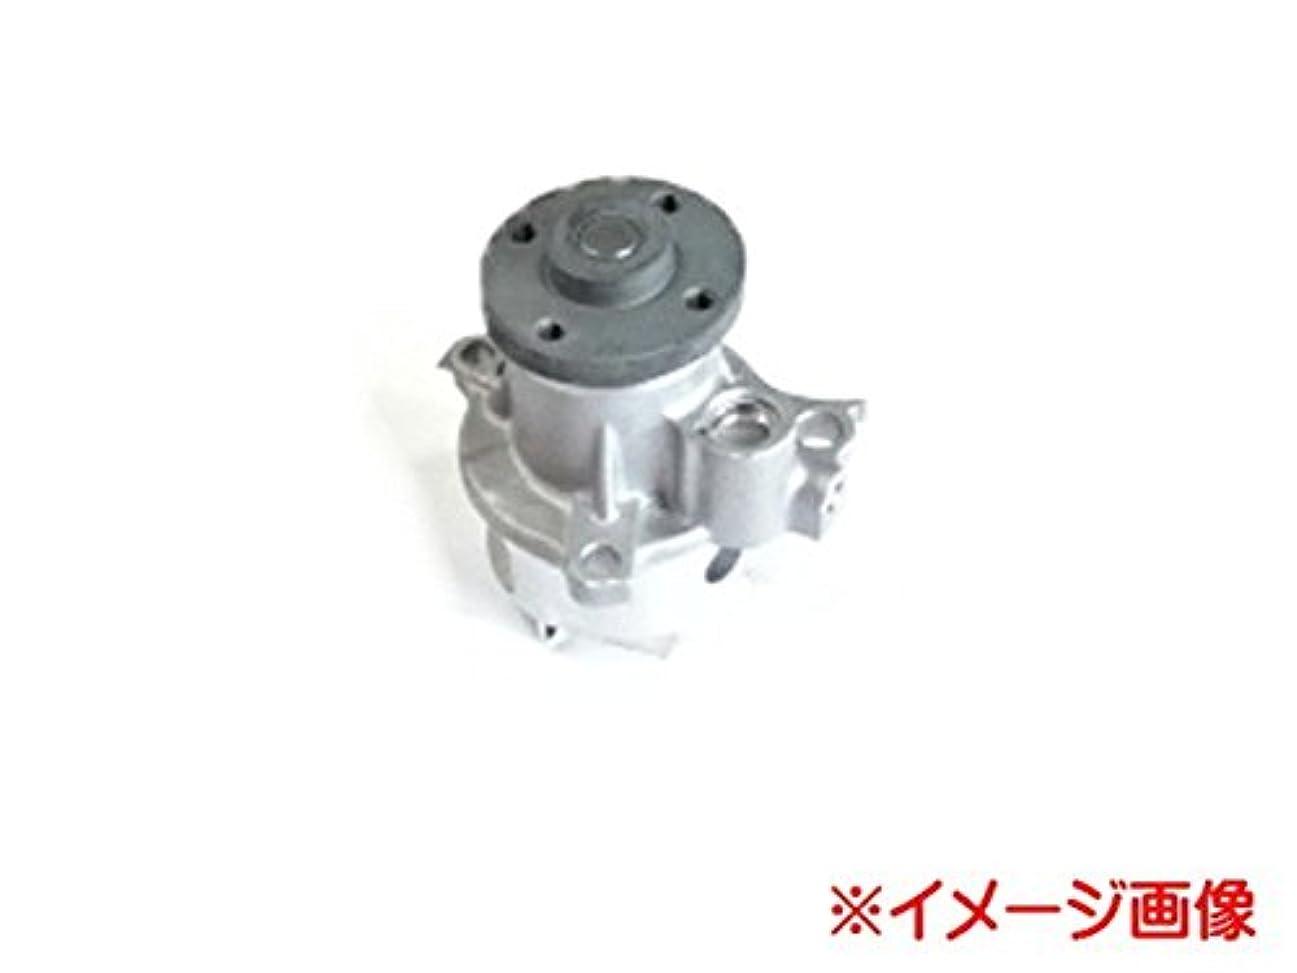 甘い反発する孤児TOYOTA (トヨタ) 純正部品 エンジンウォータポンプASSY センチュリー 品番16100-52020